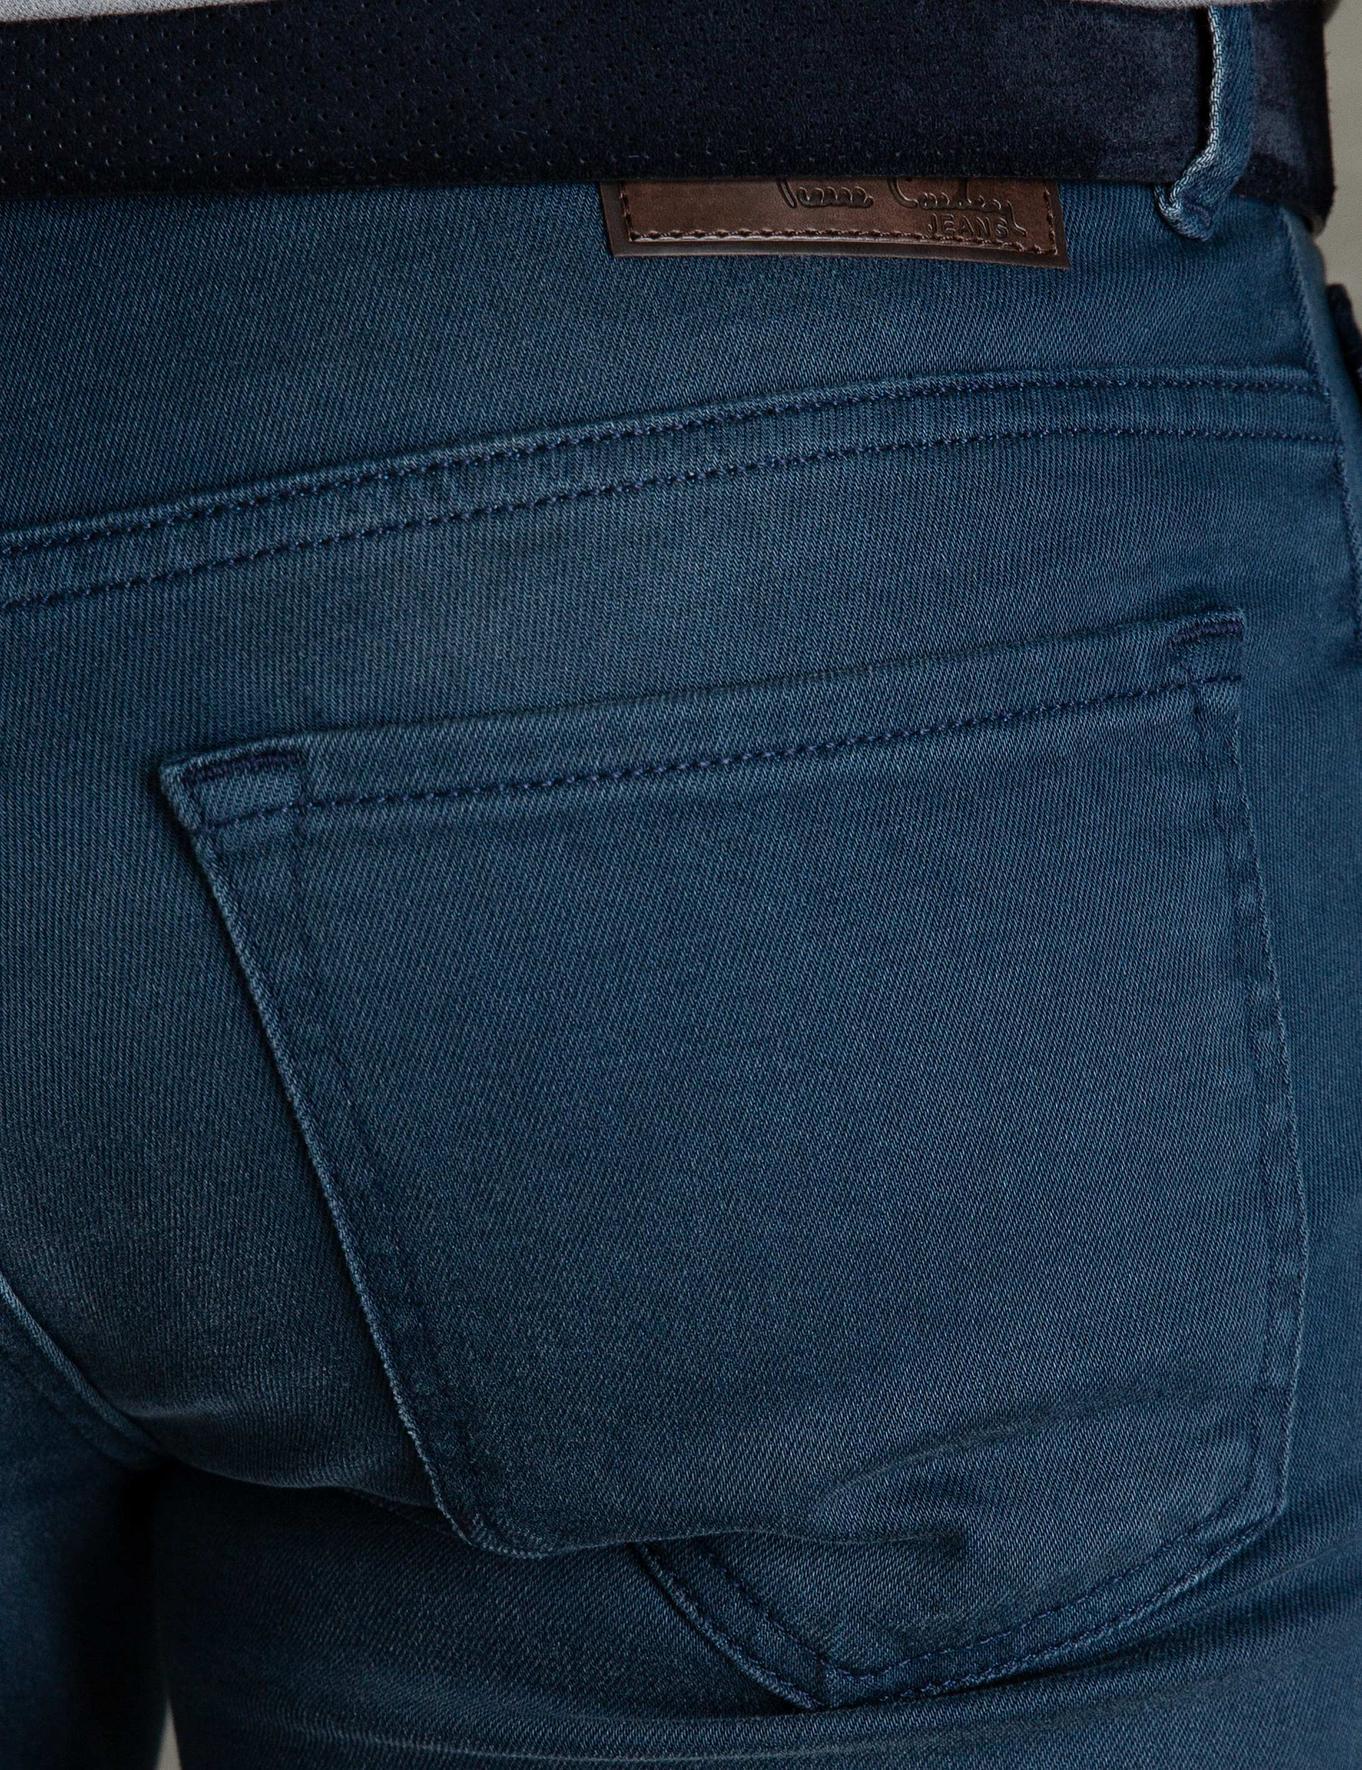 Koyu Mavi Denim Pantolon